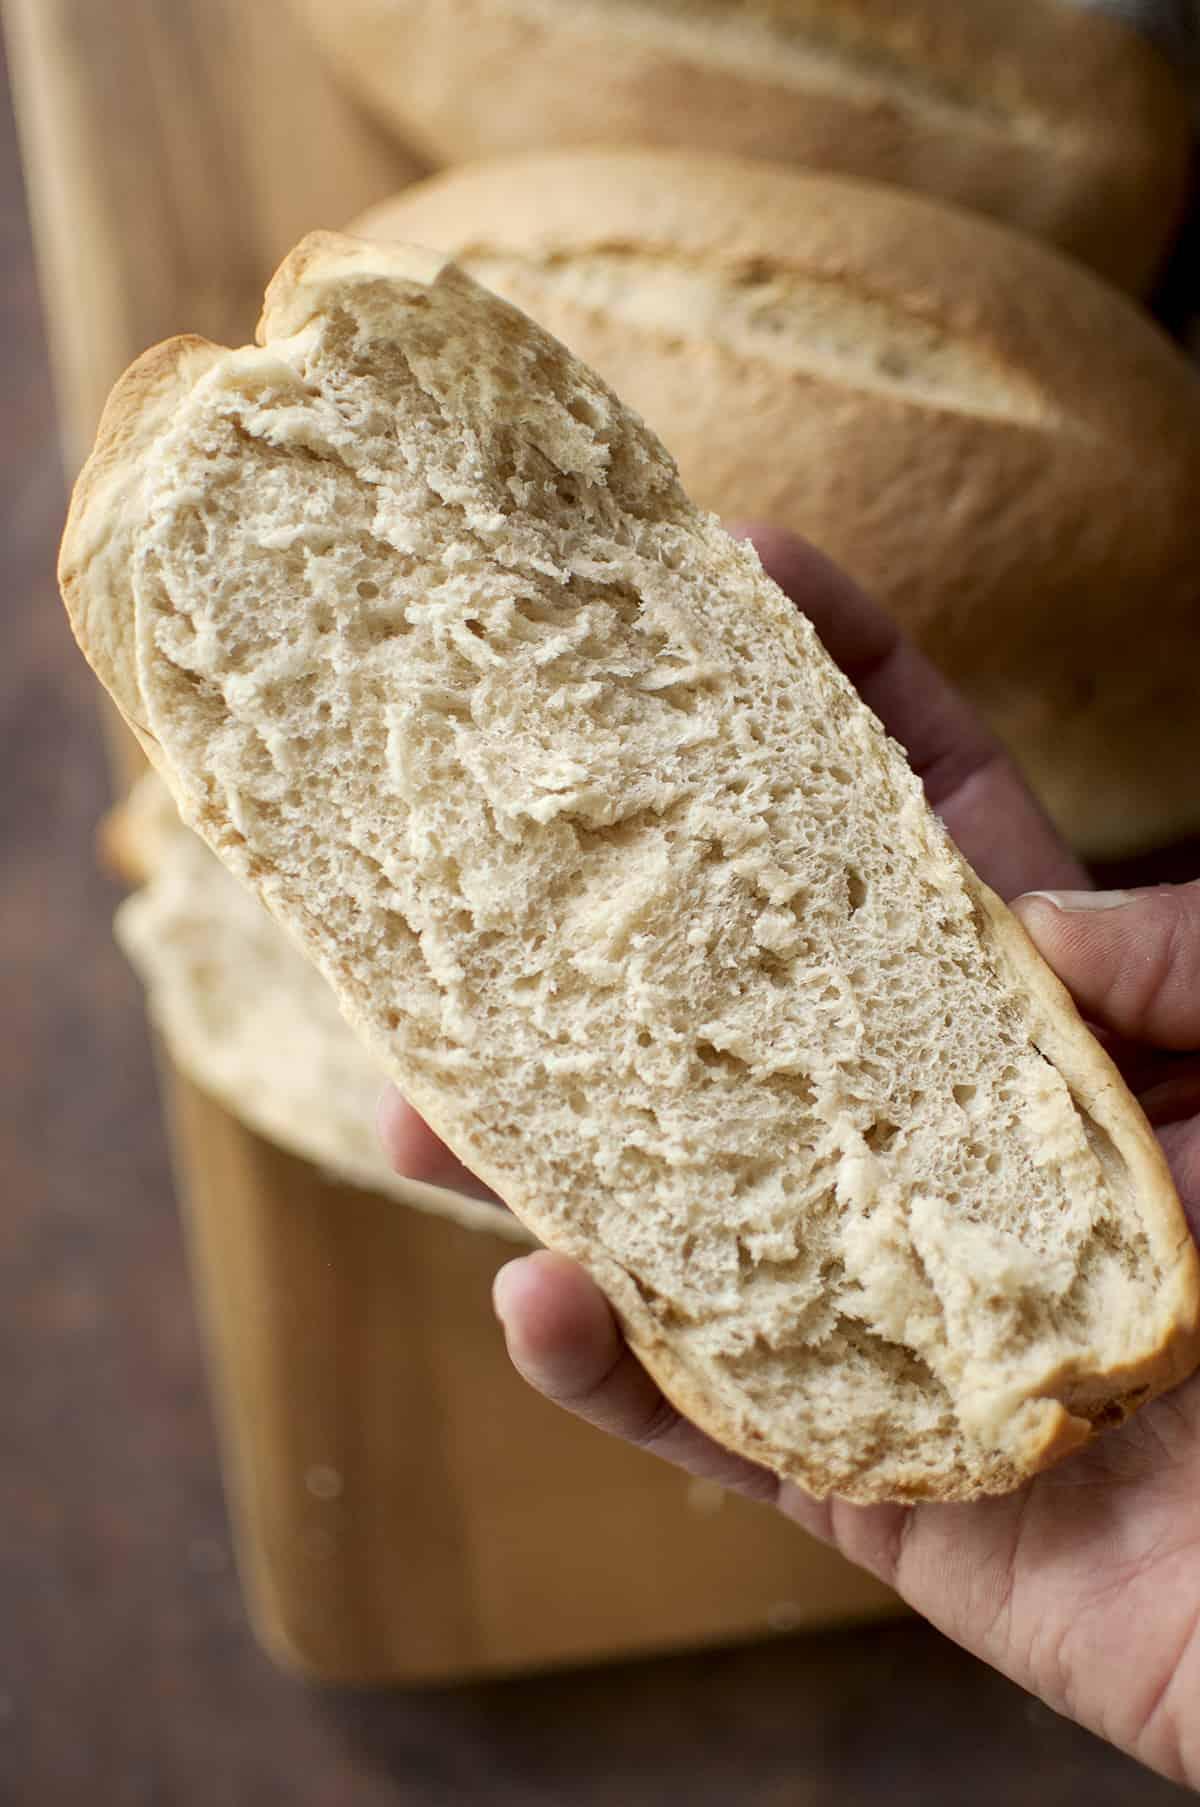 Hand holding split bread